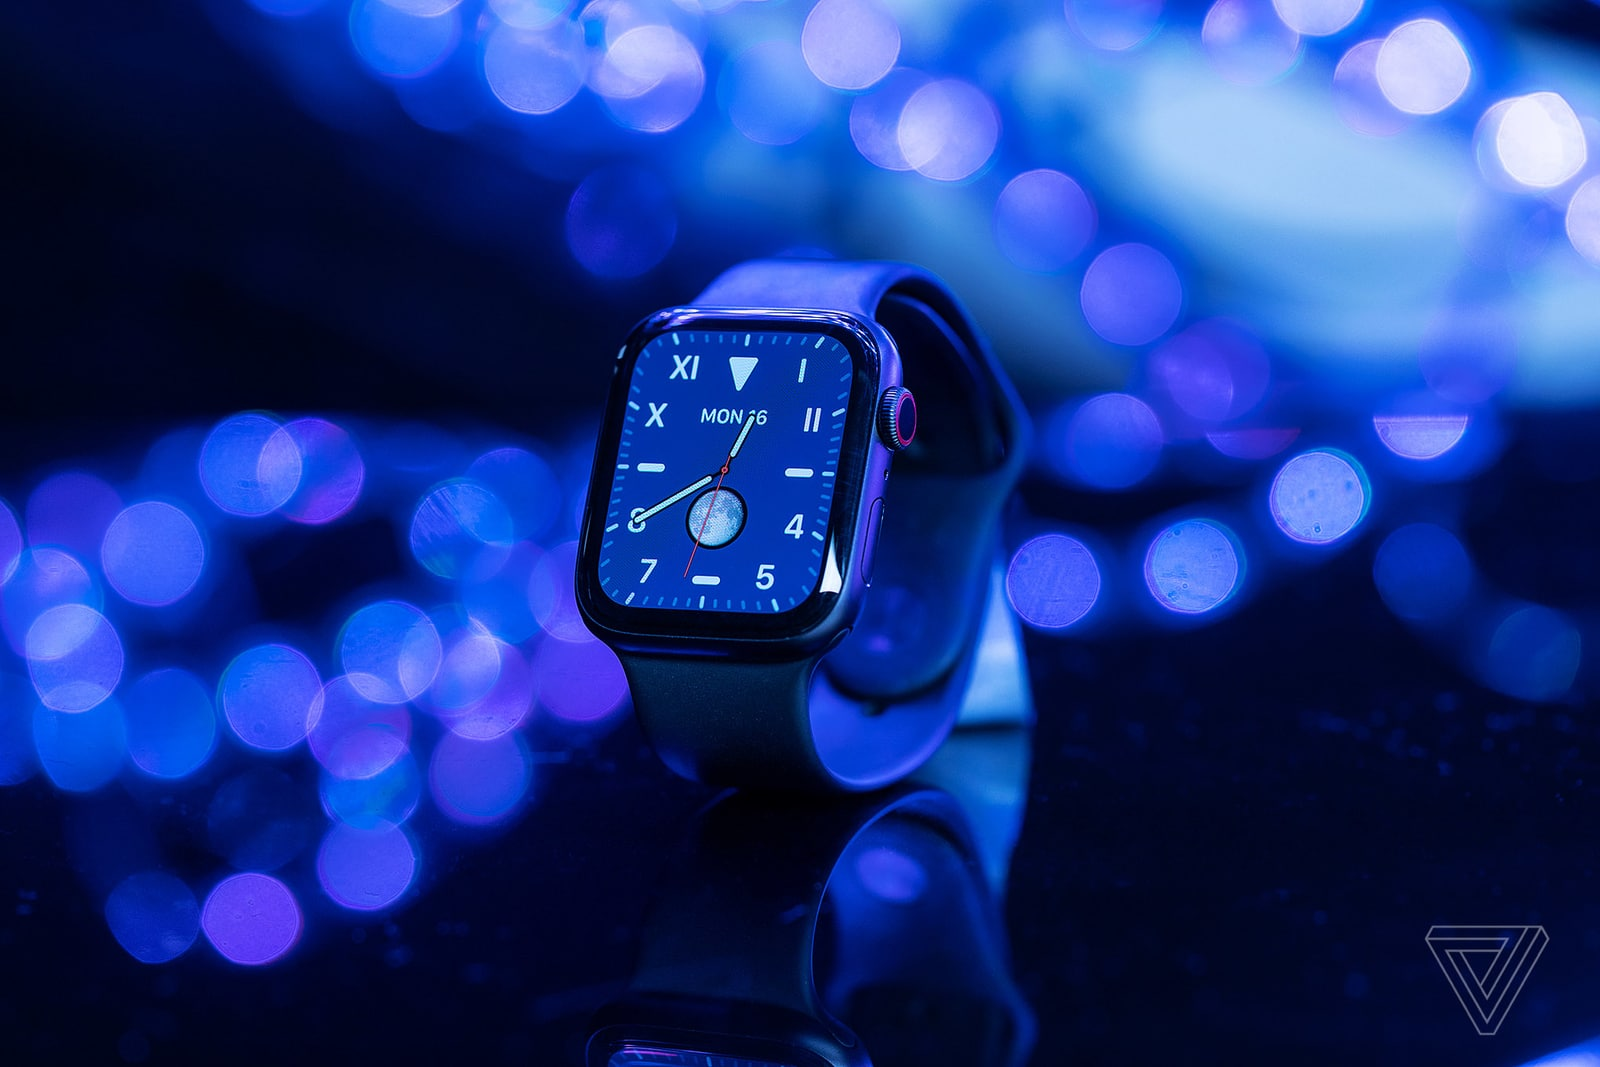 Apple Watch sắp có thể theo dõi giấc ngủ